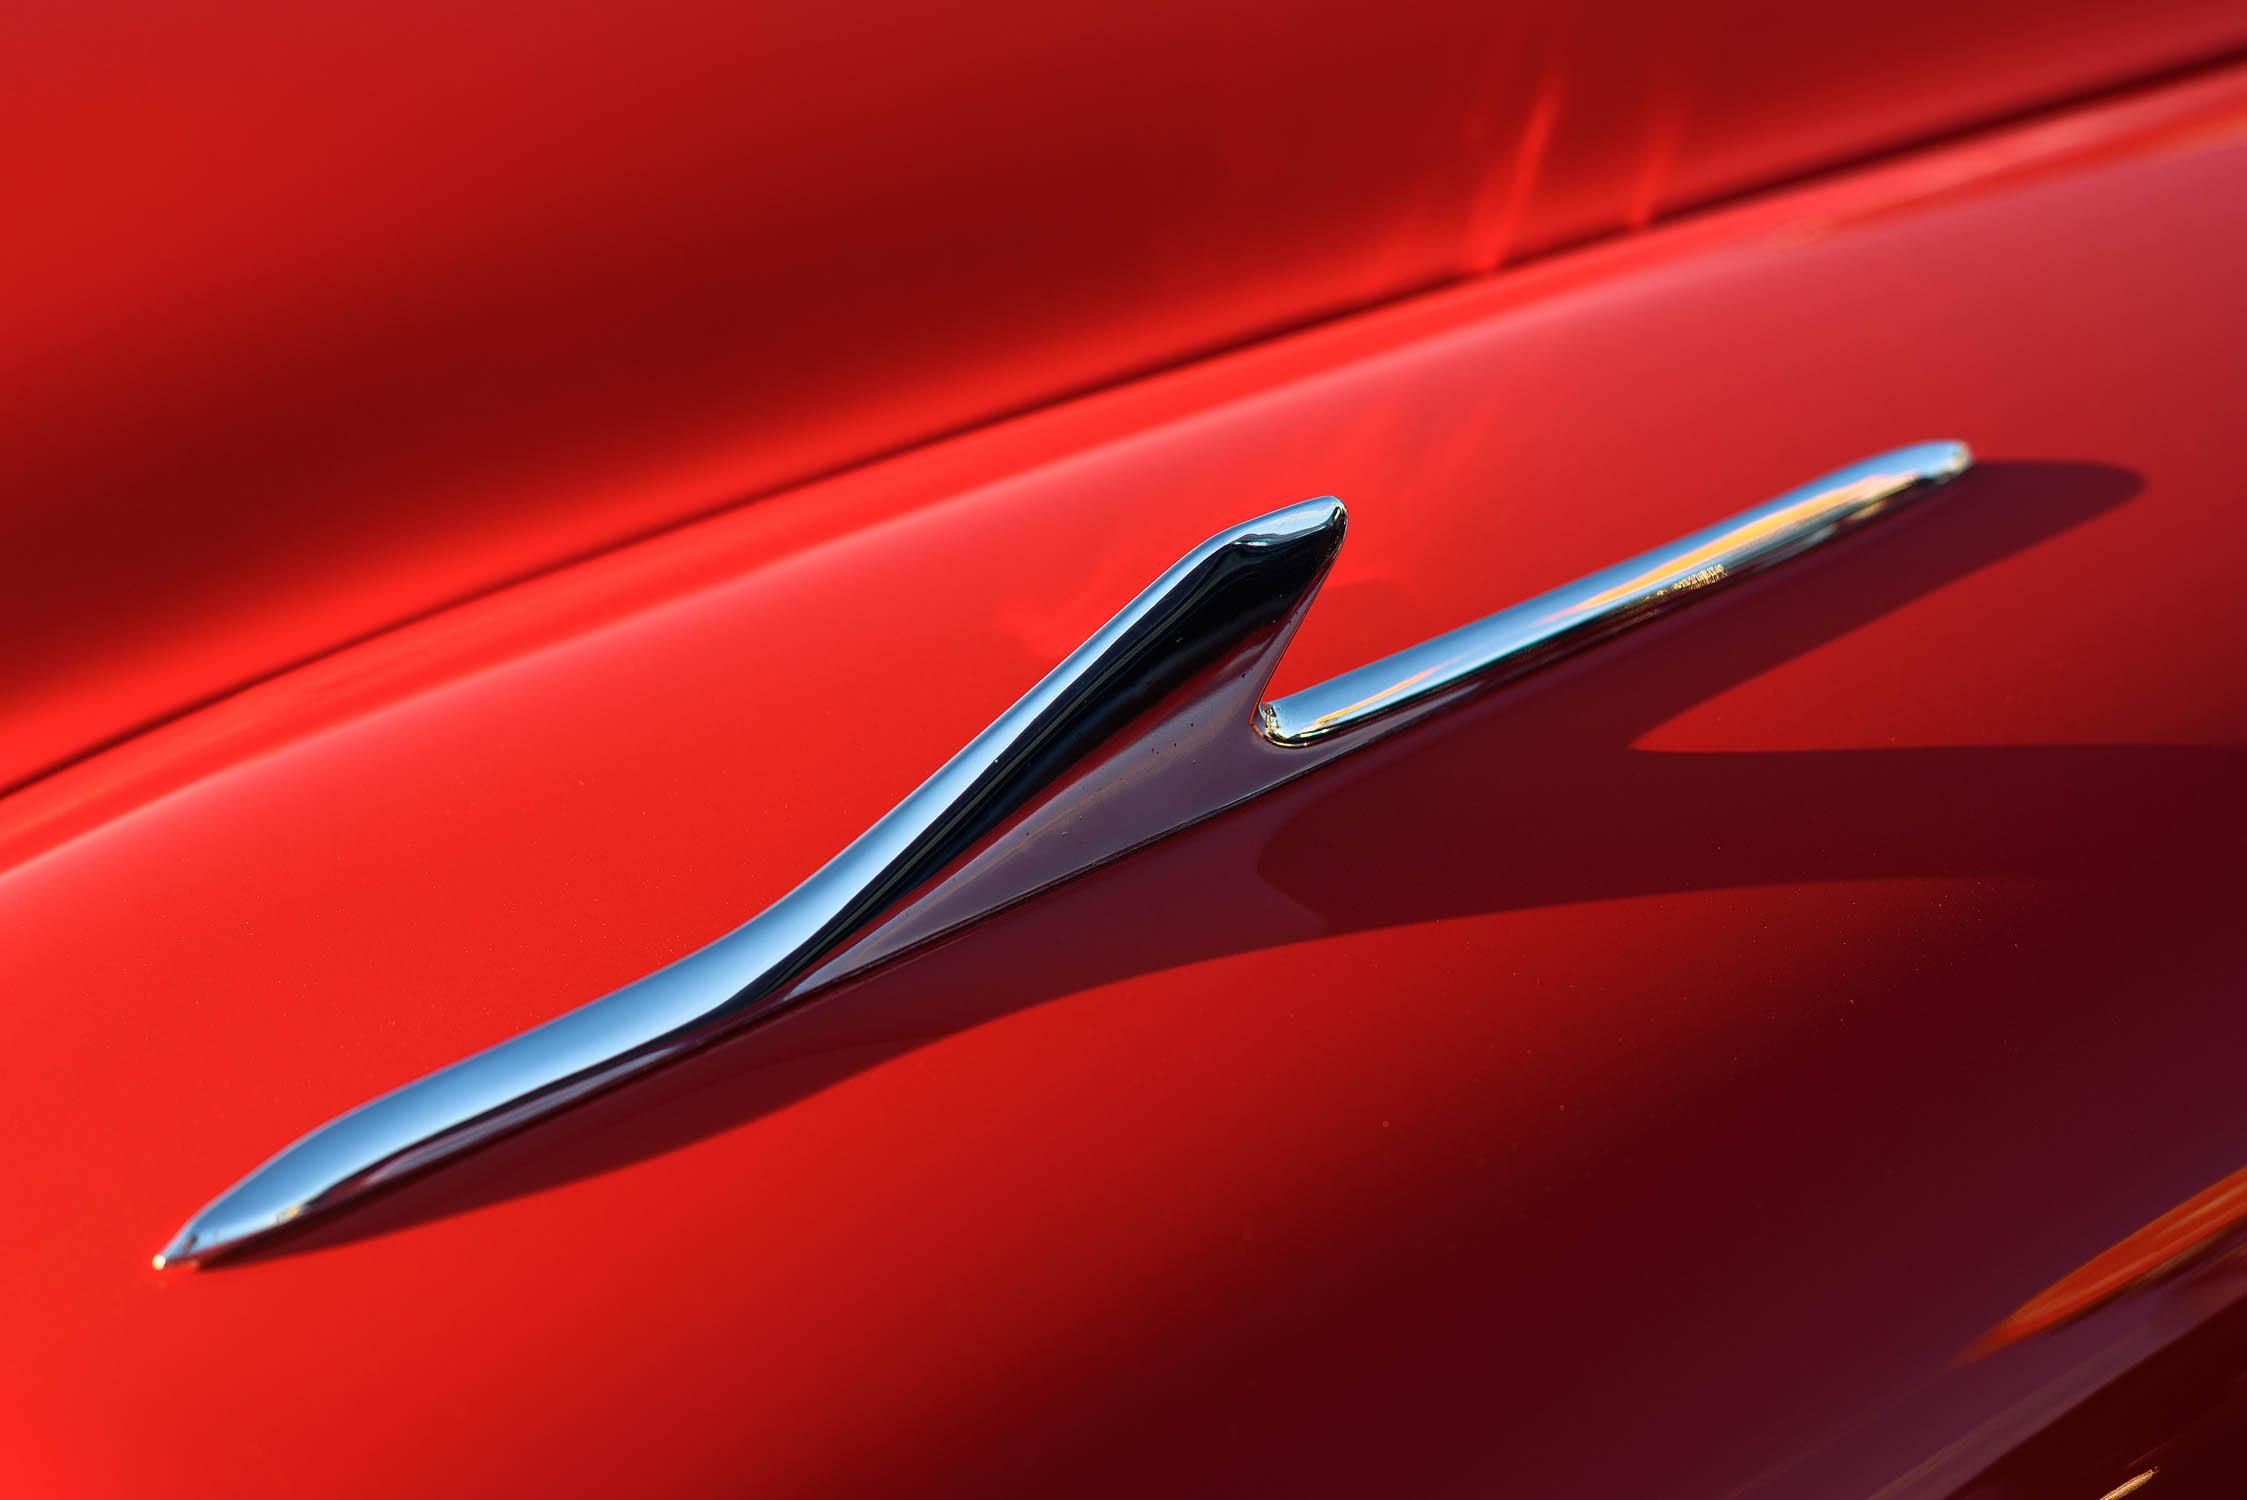 julep-cars-monika-story-37.jpg